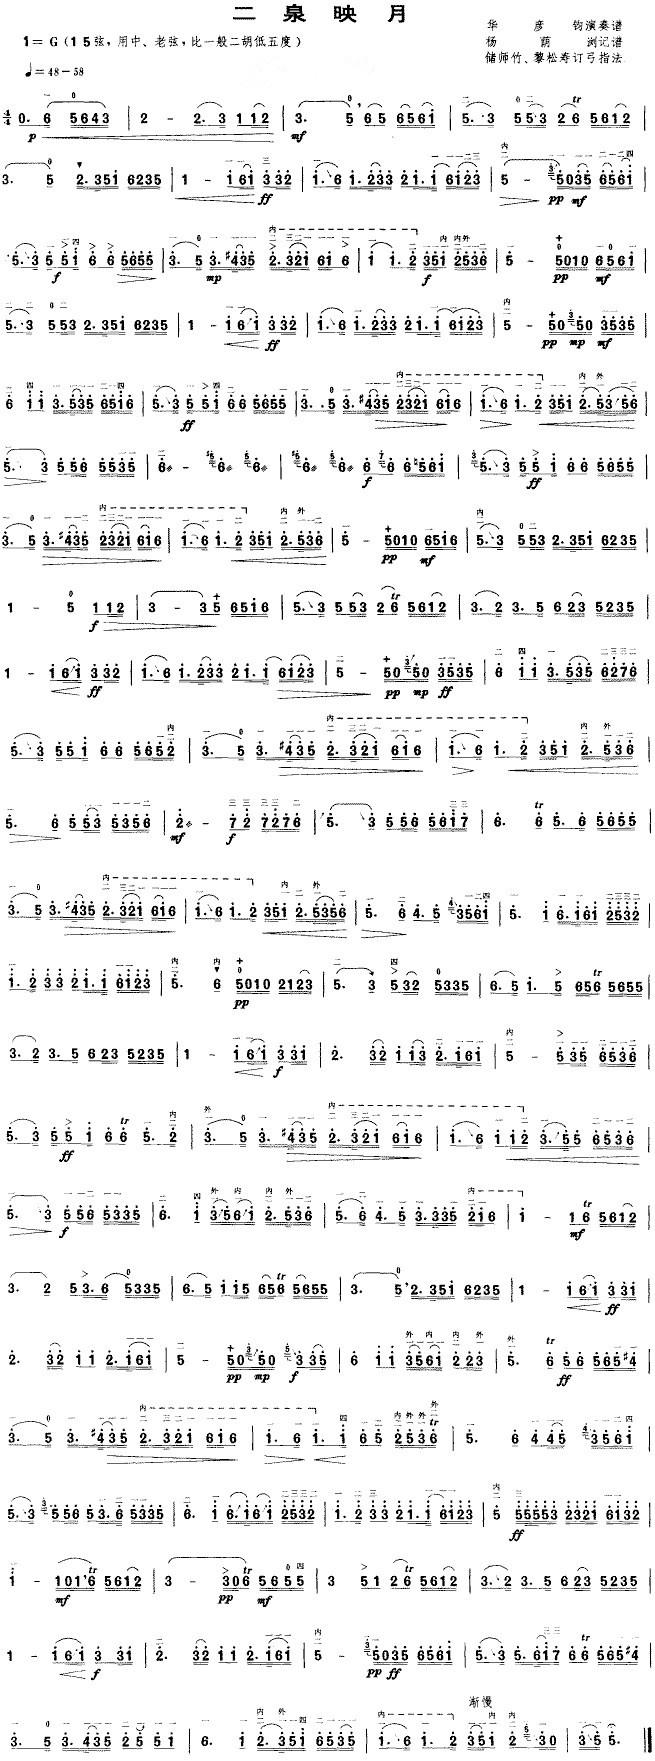 二胡十大名曲分别是:二泉映月,良宵,听松,空山鸟语,寒春风曲,月夜,流图片